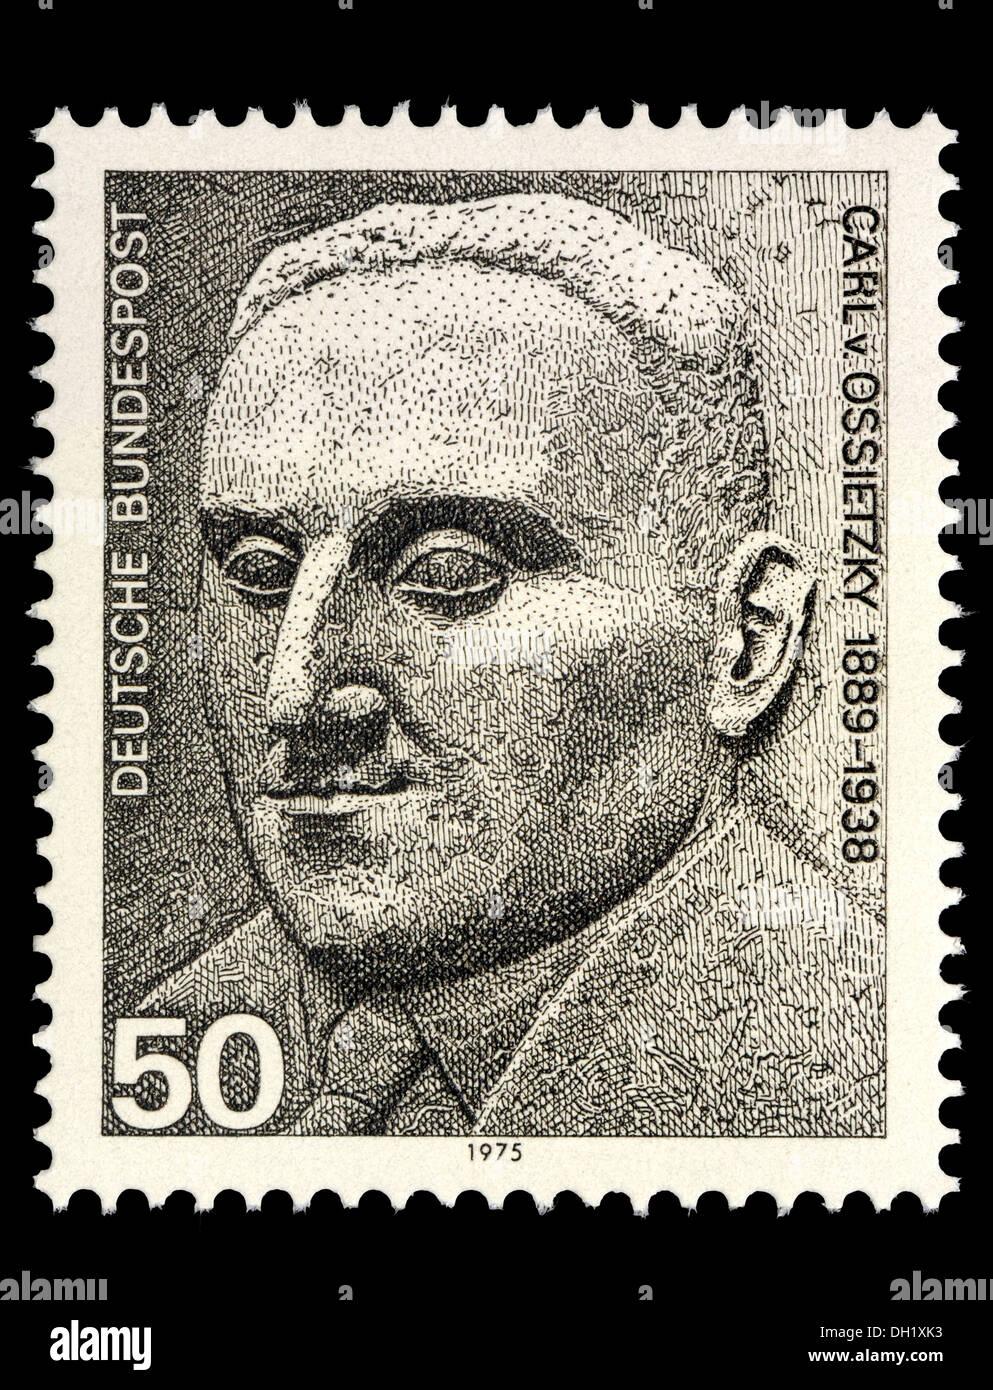 Porträt von Carl von Ossietzky (1889-1938: Deutsche Pazifist und der Empfänger der Friedens-Nobelpreis 1935) auf Deutsche Briefmarke Stockbild